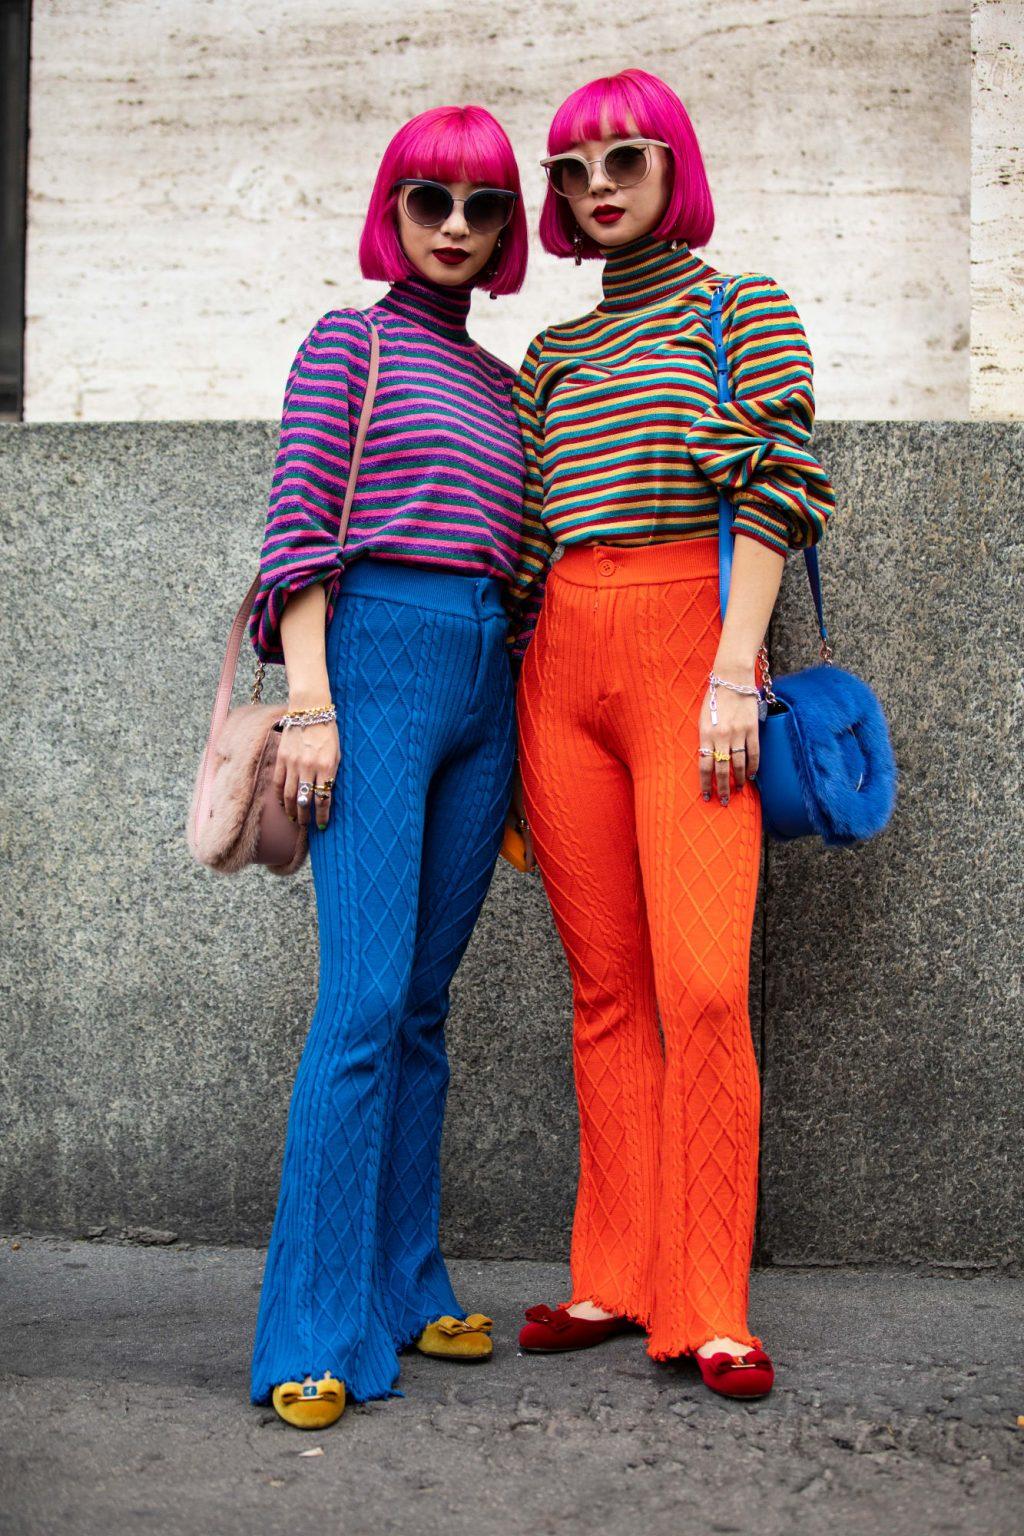 street style tuần lễ thời trang màu sắc nổi bật 15